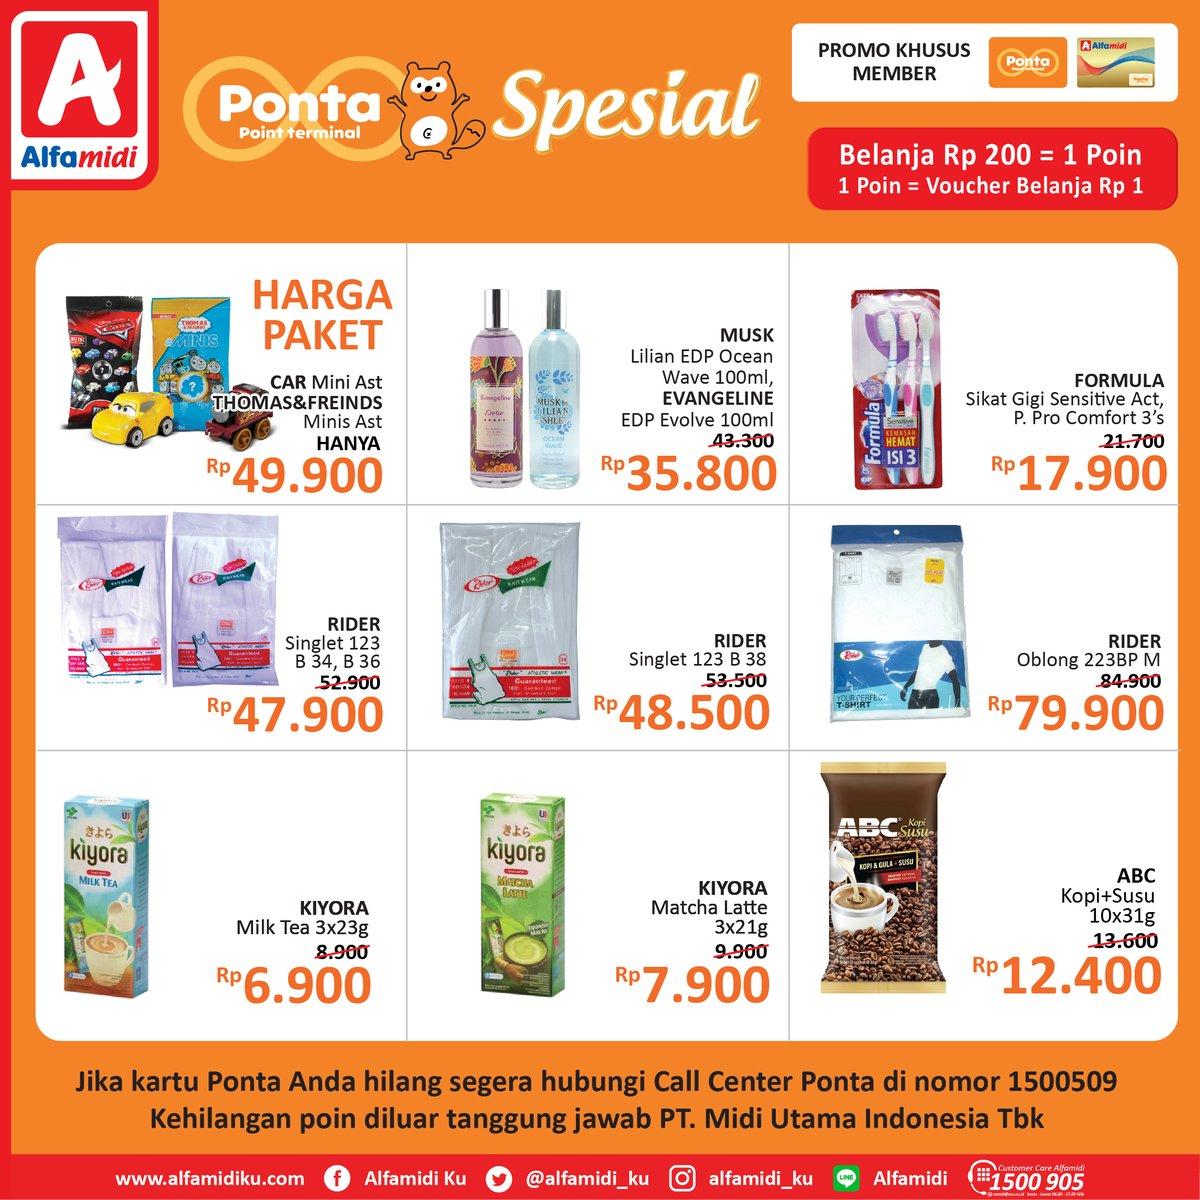 #Ponta - #Promo #Katalog Spesial Harga Belanja di Alfamidi (s.d 15 Maret 2019)